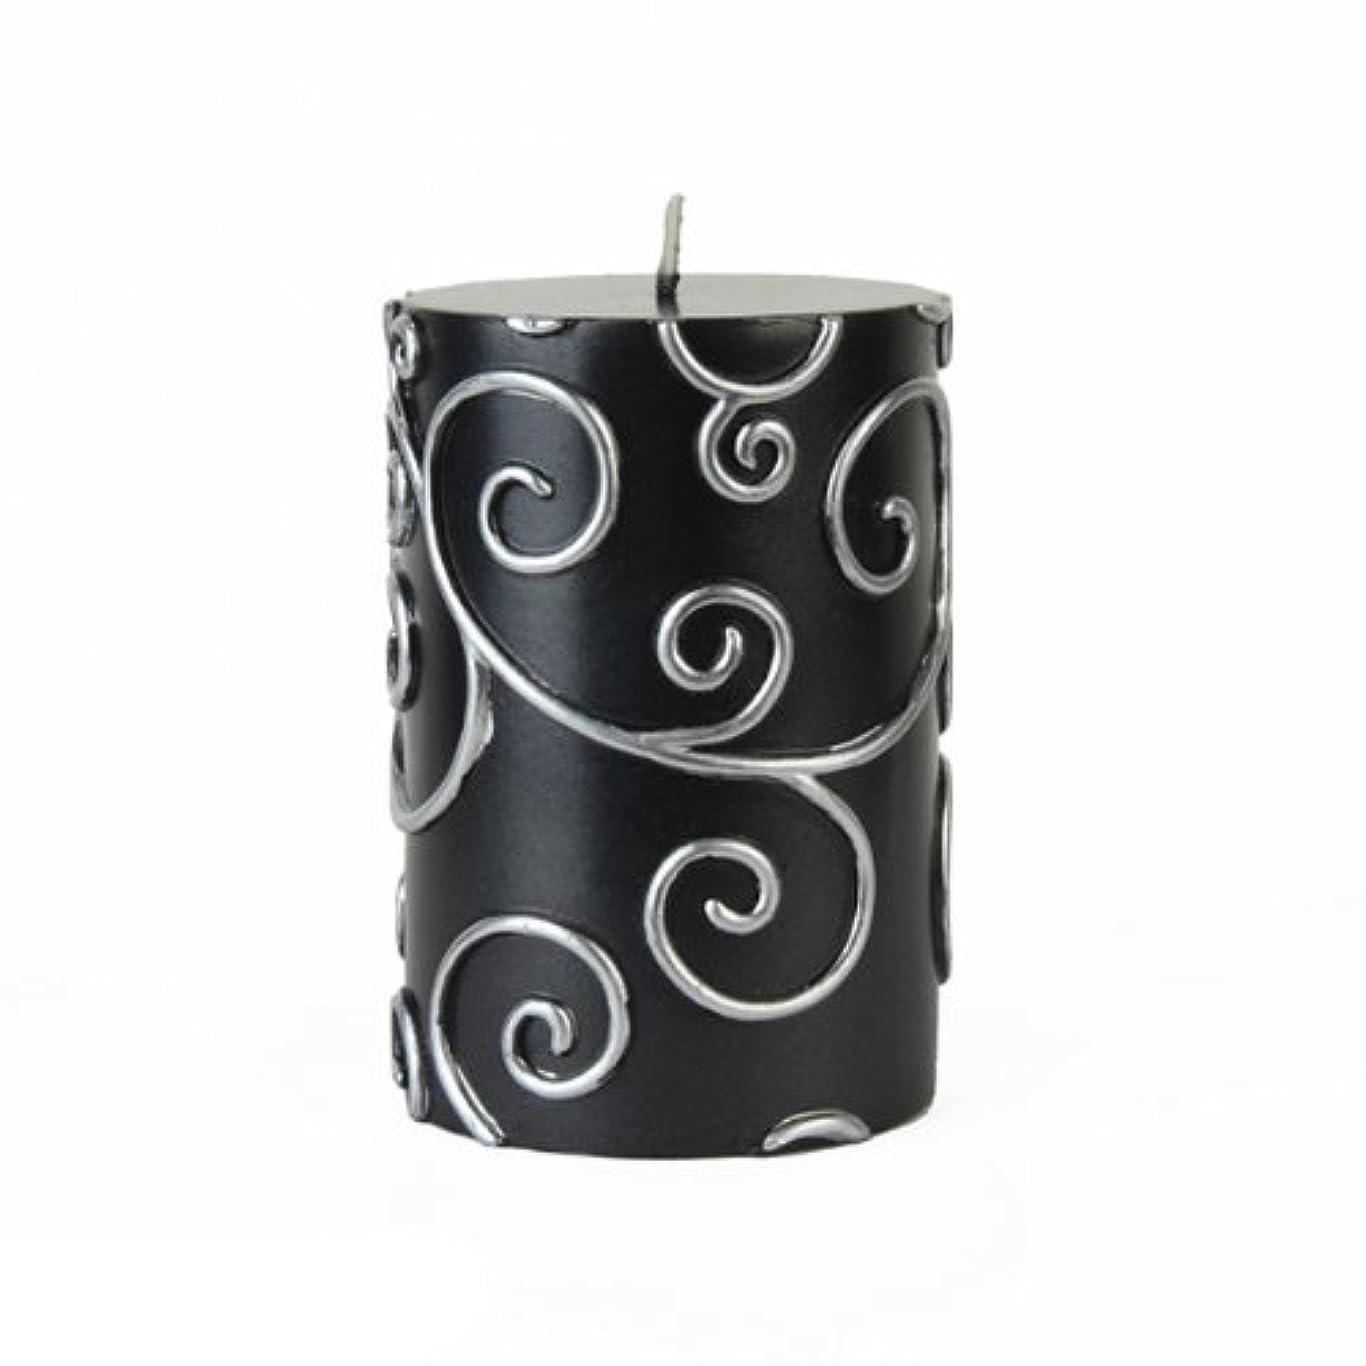 モートダイアクリティカル応答Zest Candle CPS-001_12 12-Piece Scroll Pillar Candle, 3' x 4', Black [並行輸入品]